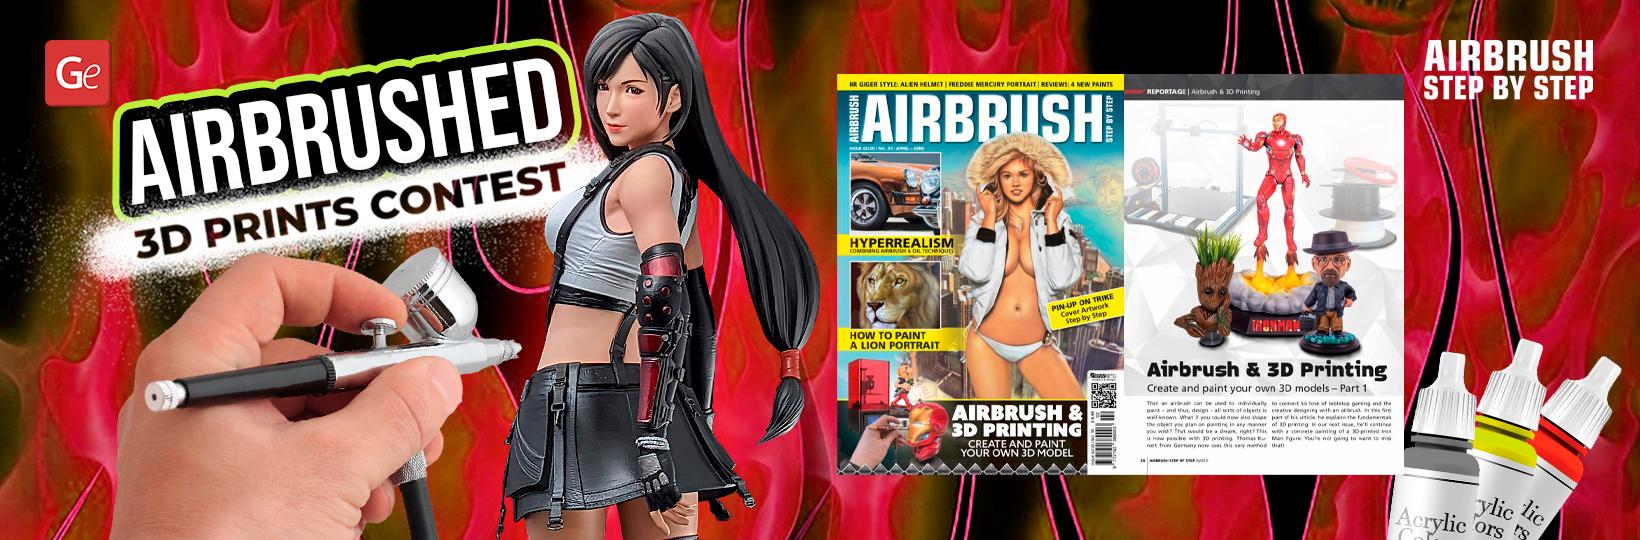 Airbrush Step by Step unterstützt 3D-Druck-Malwettbewerb von Gambody